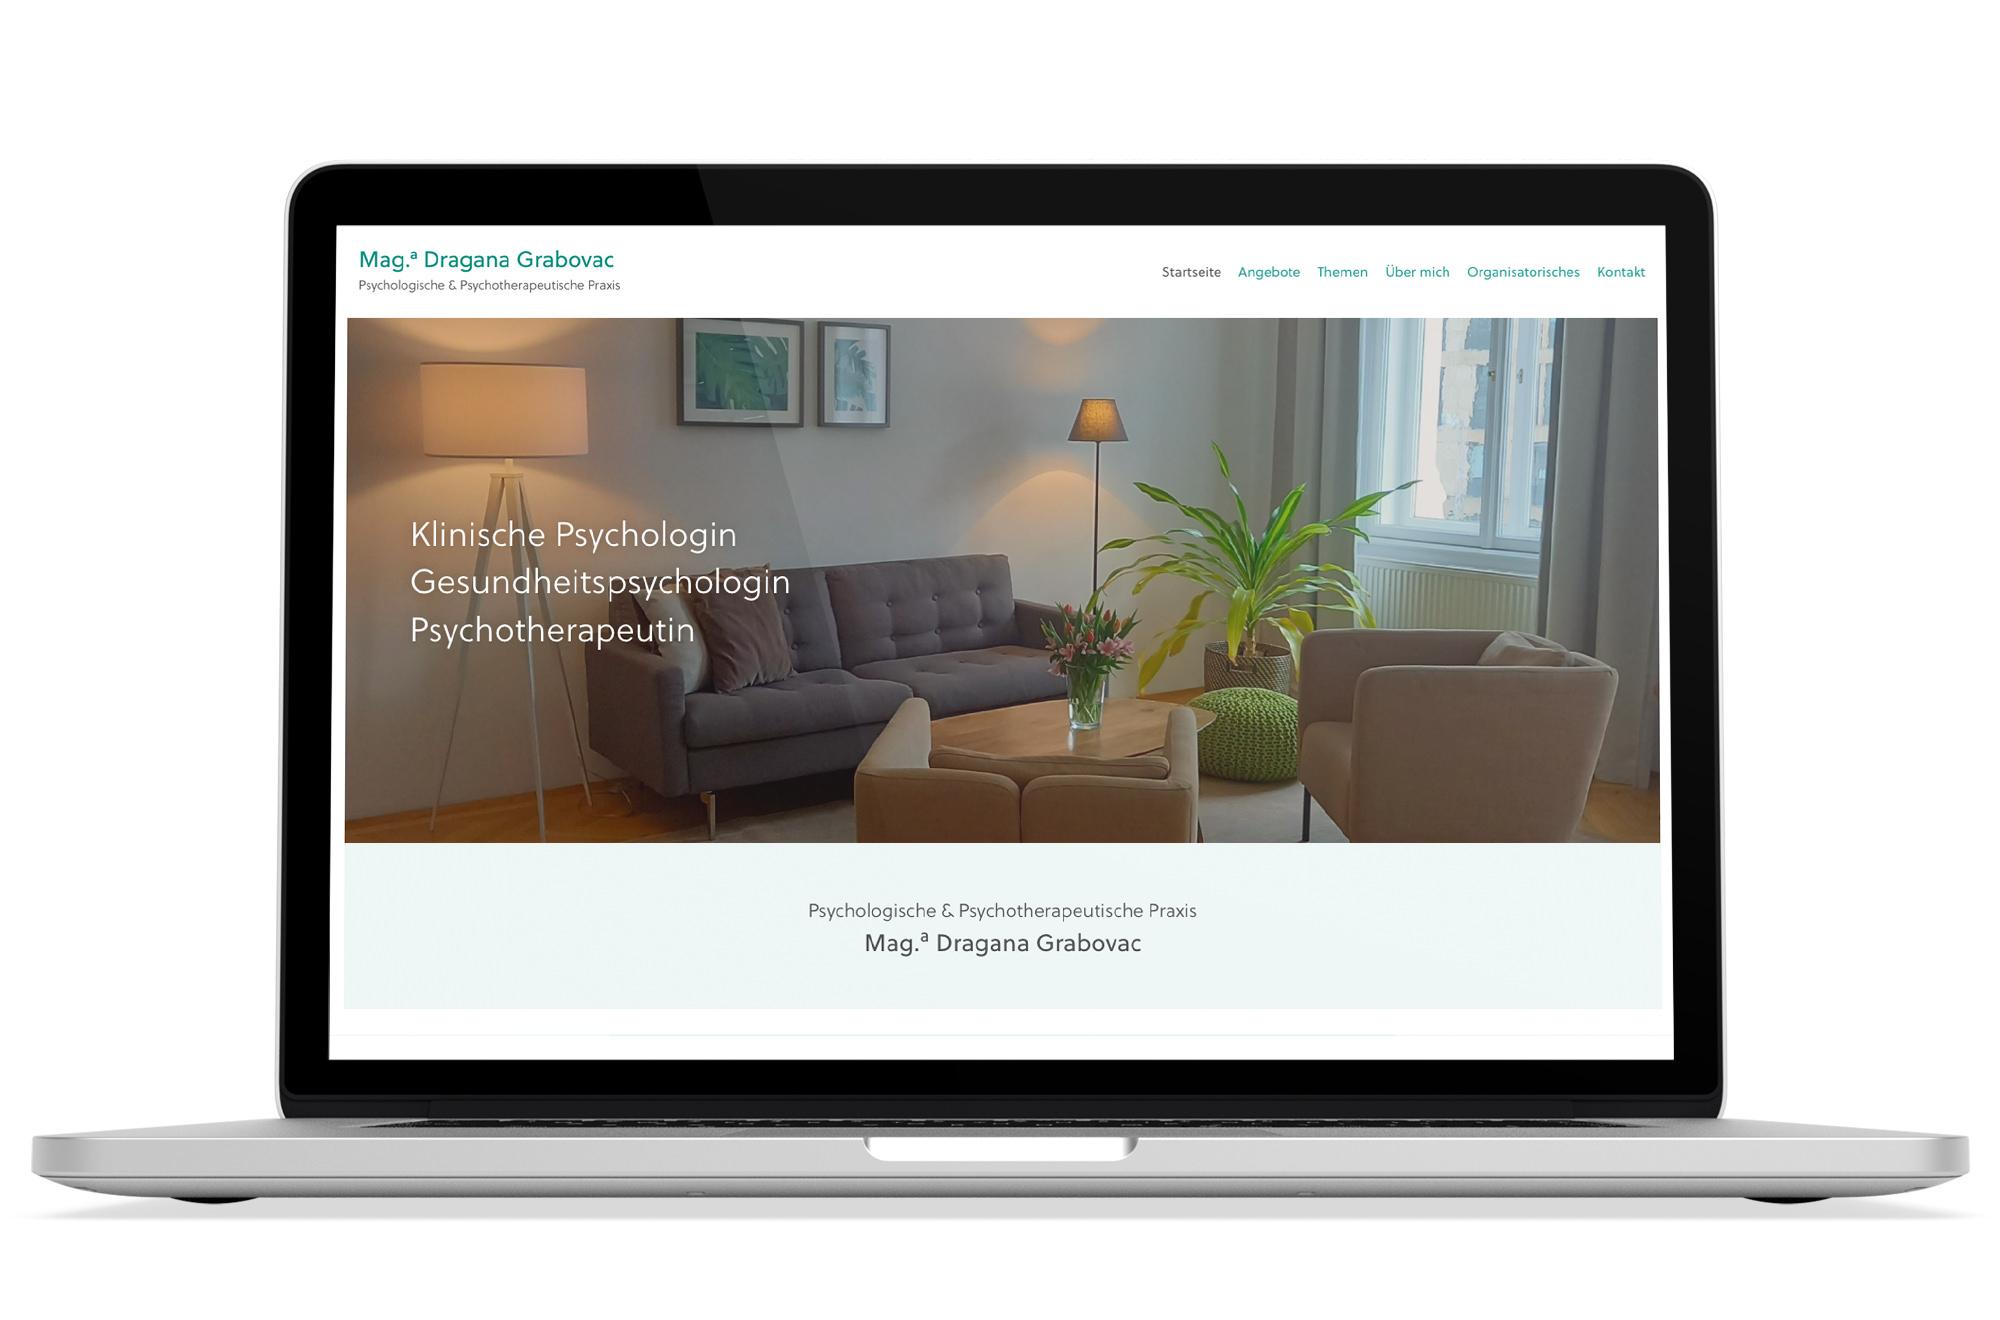 Webdesign Beispiel: Responsive Webdesign, WordPress für Psychotherapie 1090 Wien